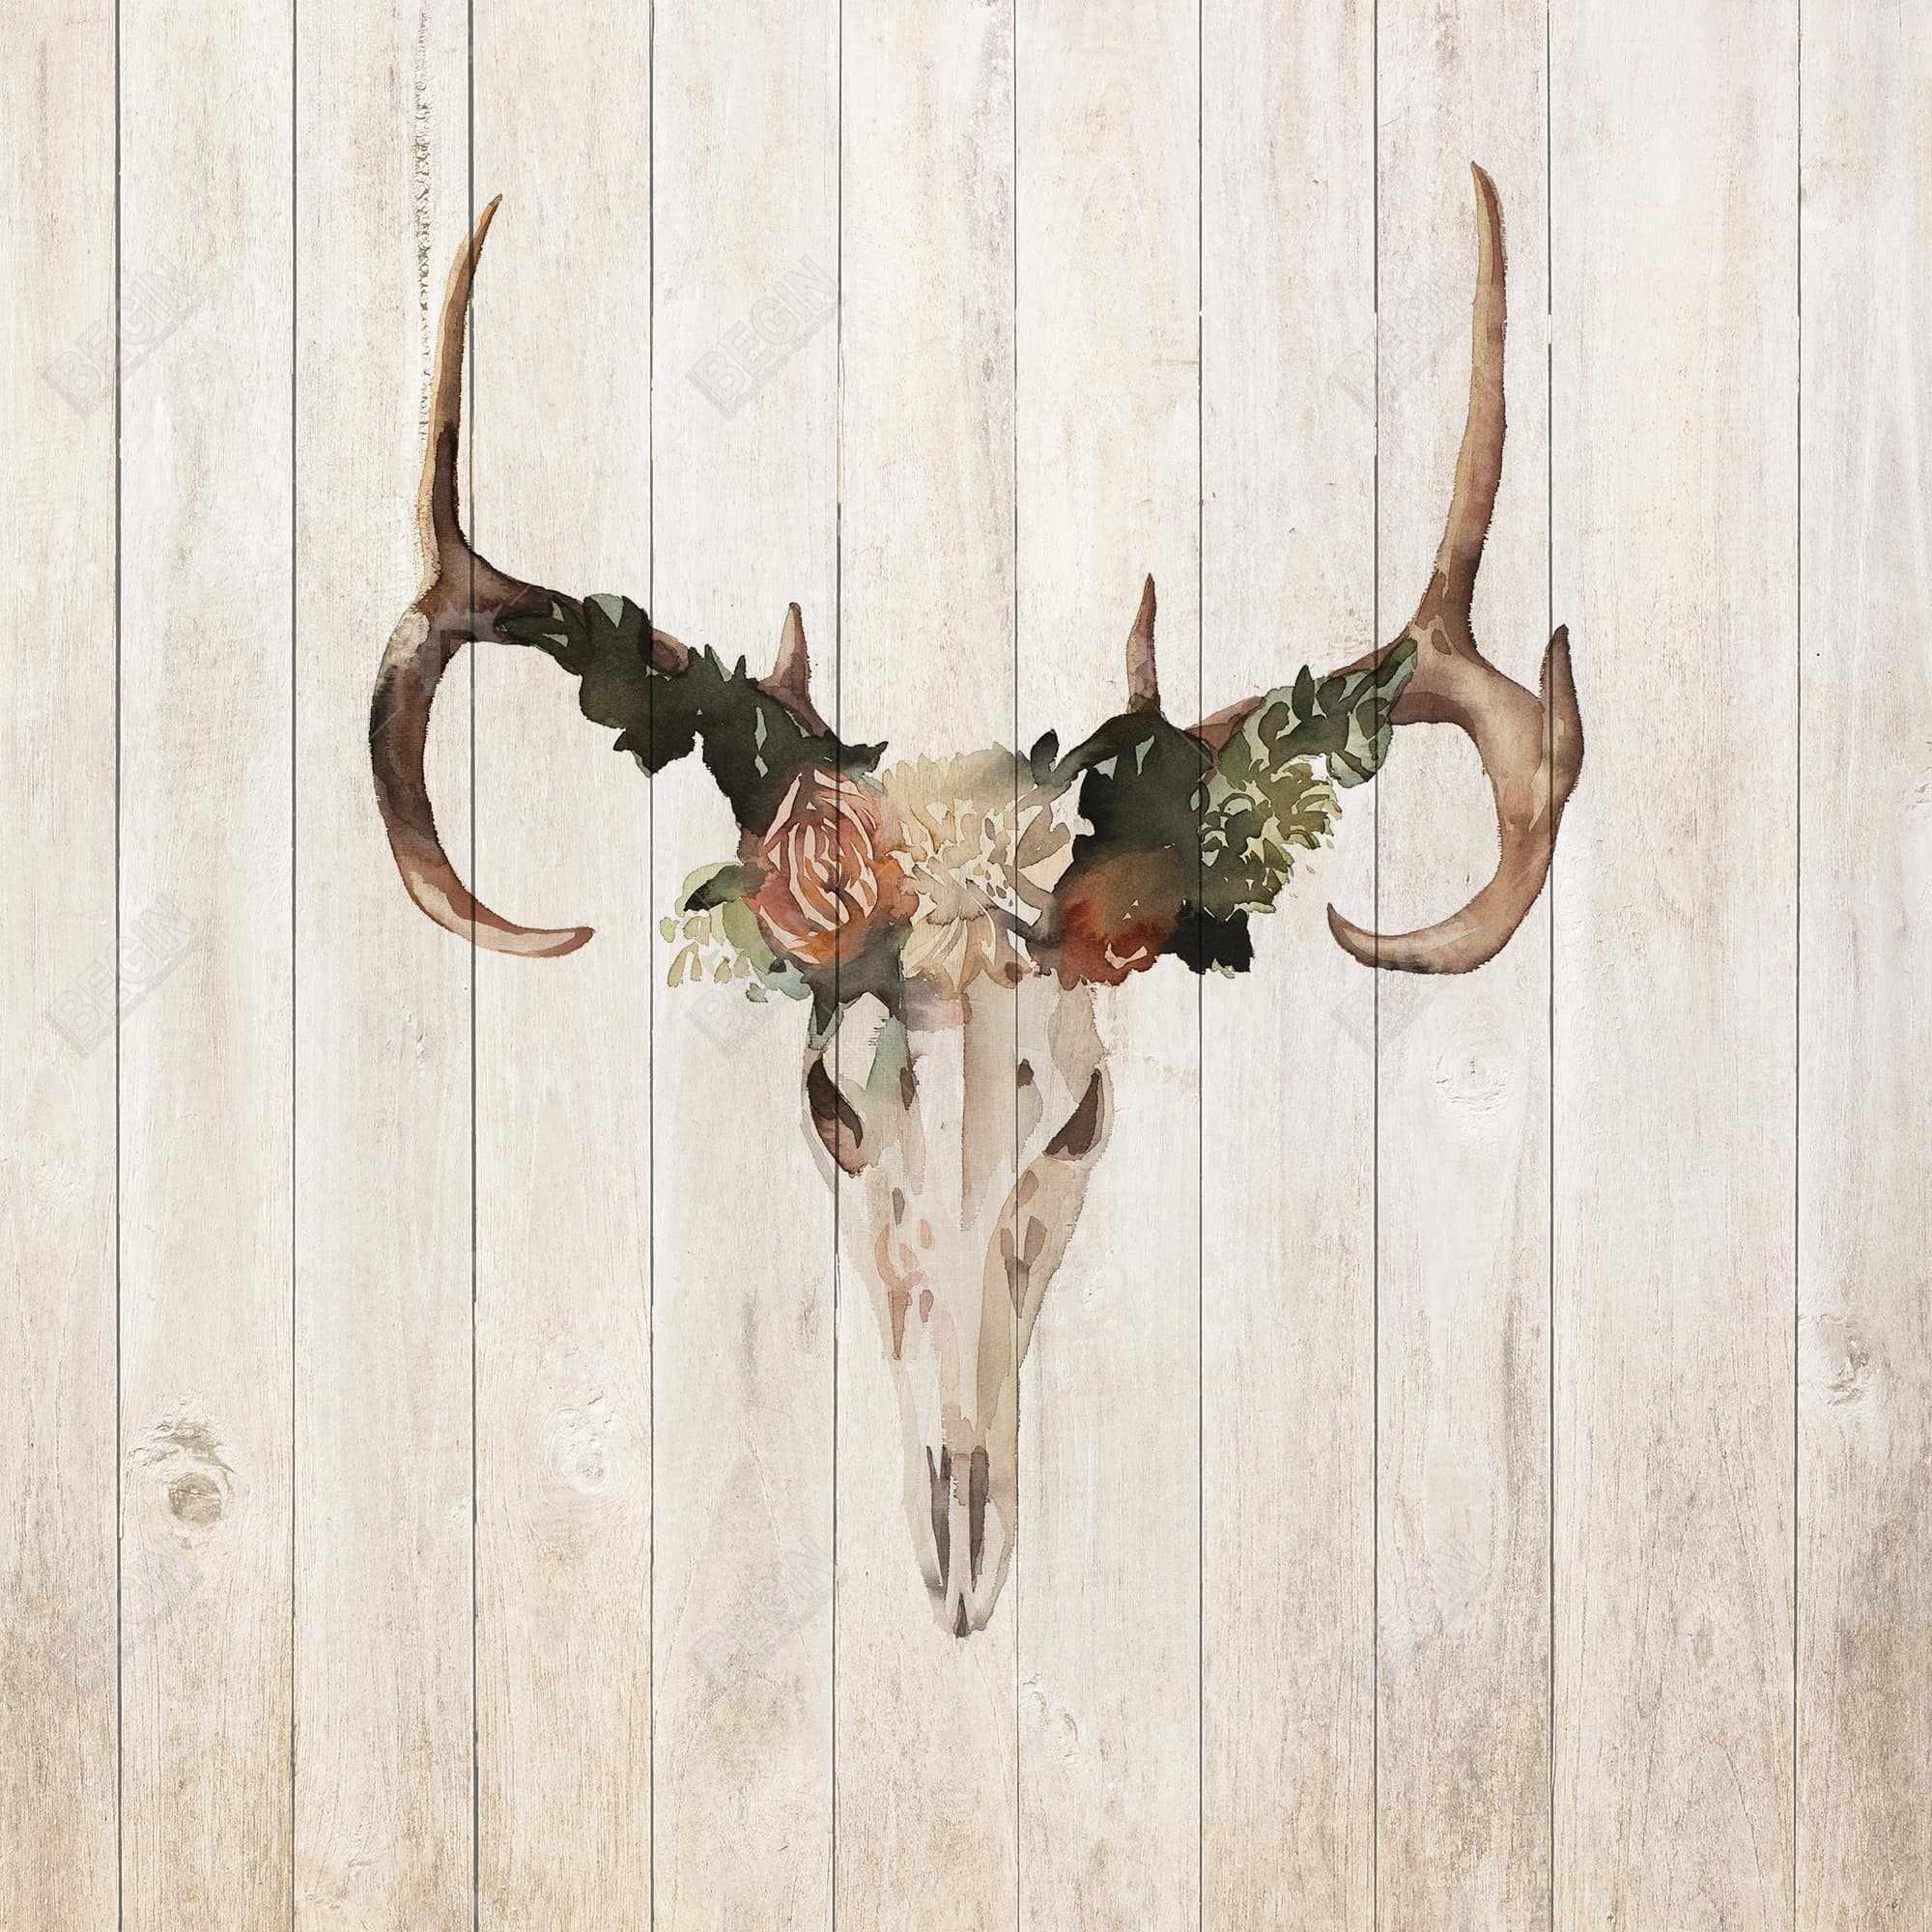 Mule deer skull with roses